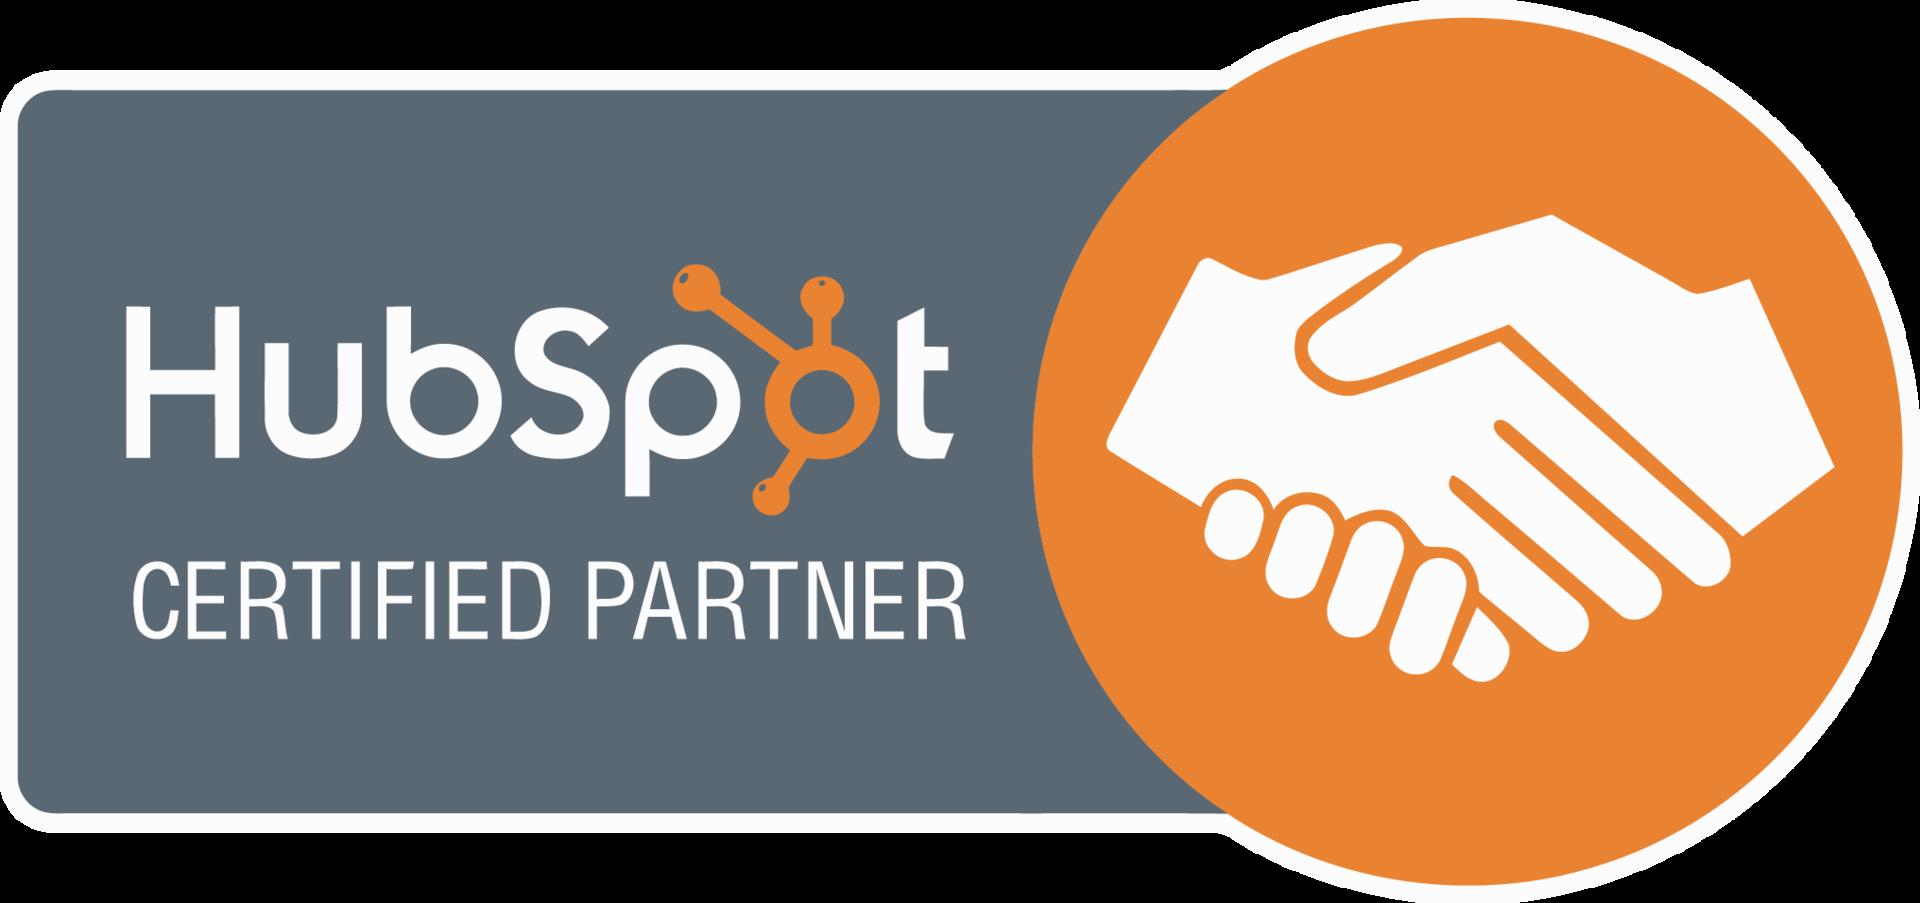 United Partners става сертифицирана партньорска агенция на HubSpot за България и Югоизточна Европа